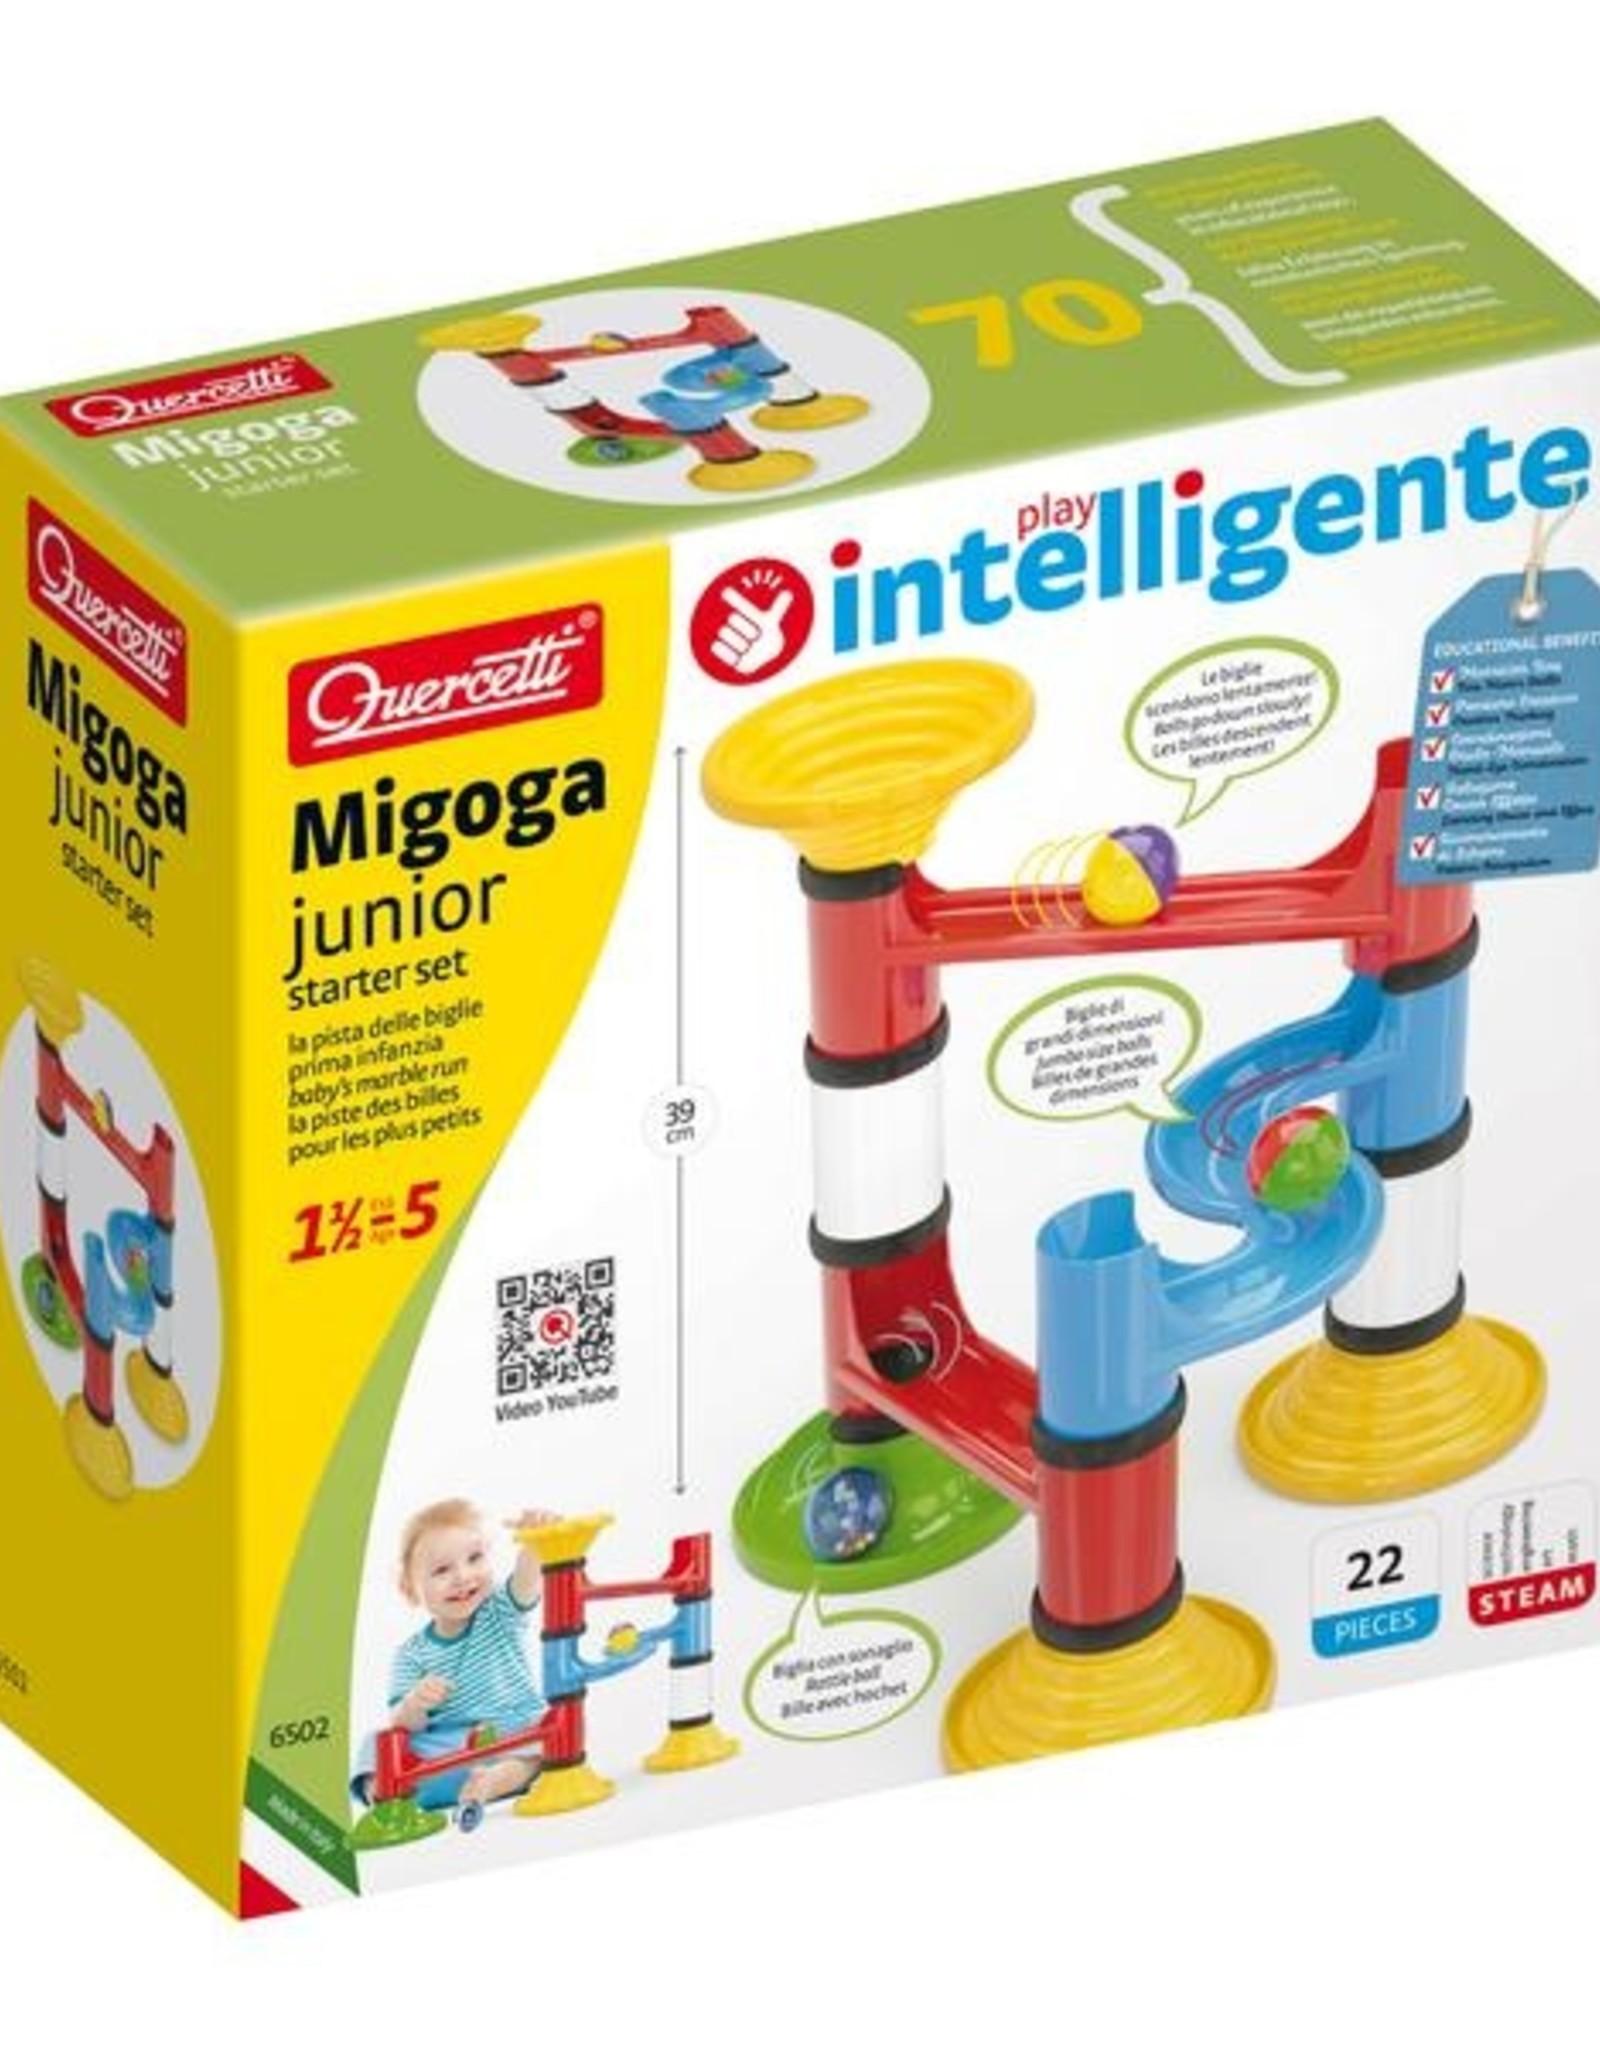 Quercetti MIGOGA JUNIOR INTERMEDIATE